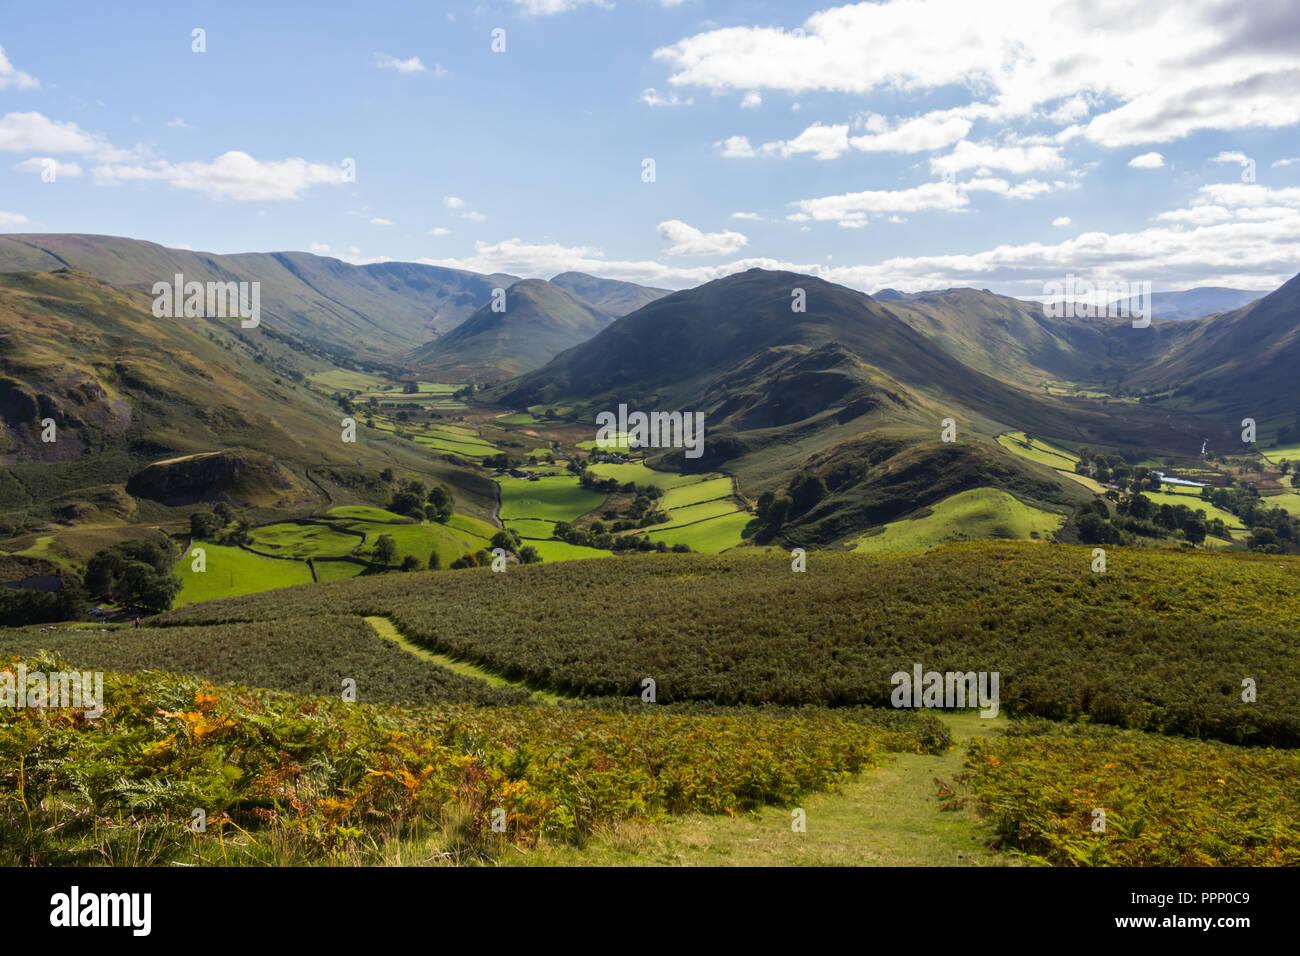 Ver más campos verdes de Hallin cayó a Martindale y valles con Boardale Beda cayó en el centro. Lake District, Inglaterra. Foto de stock